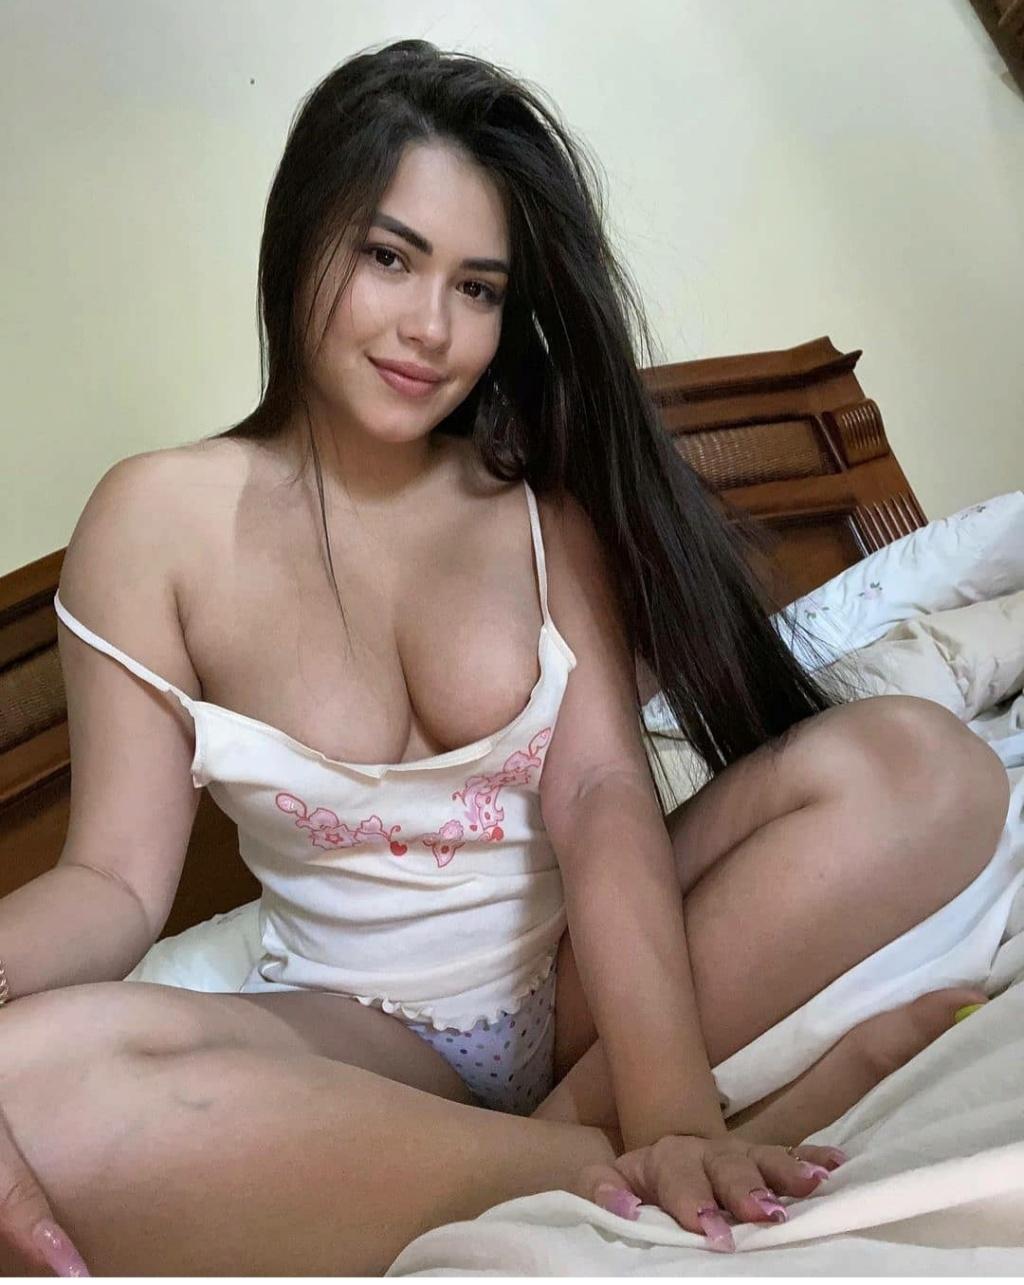 DEBATE sobre belleza, guapura y hermosura (fotos de chicas latinas, mestizas, y de todo) - VOL II - Página 7 Img_2984